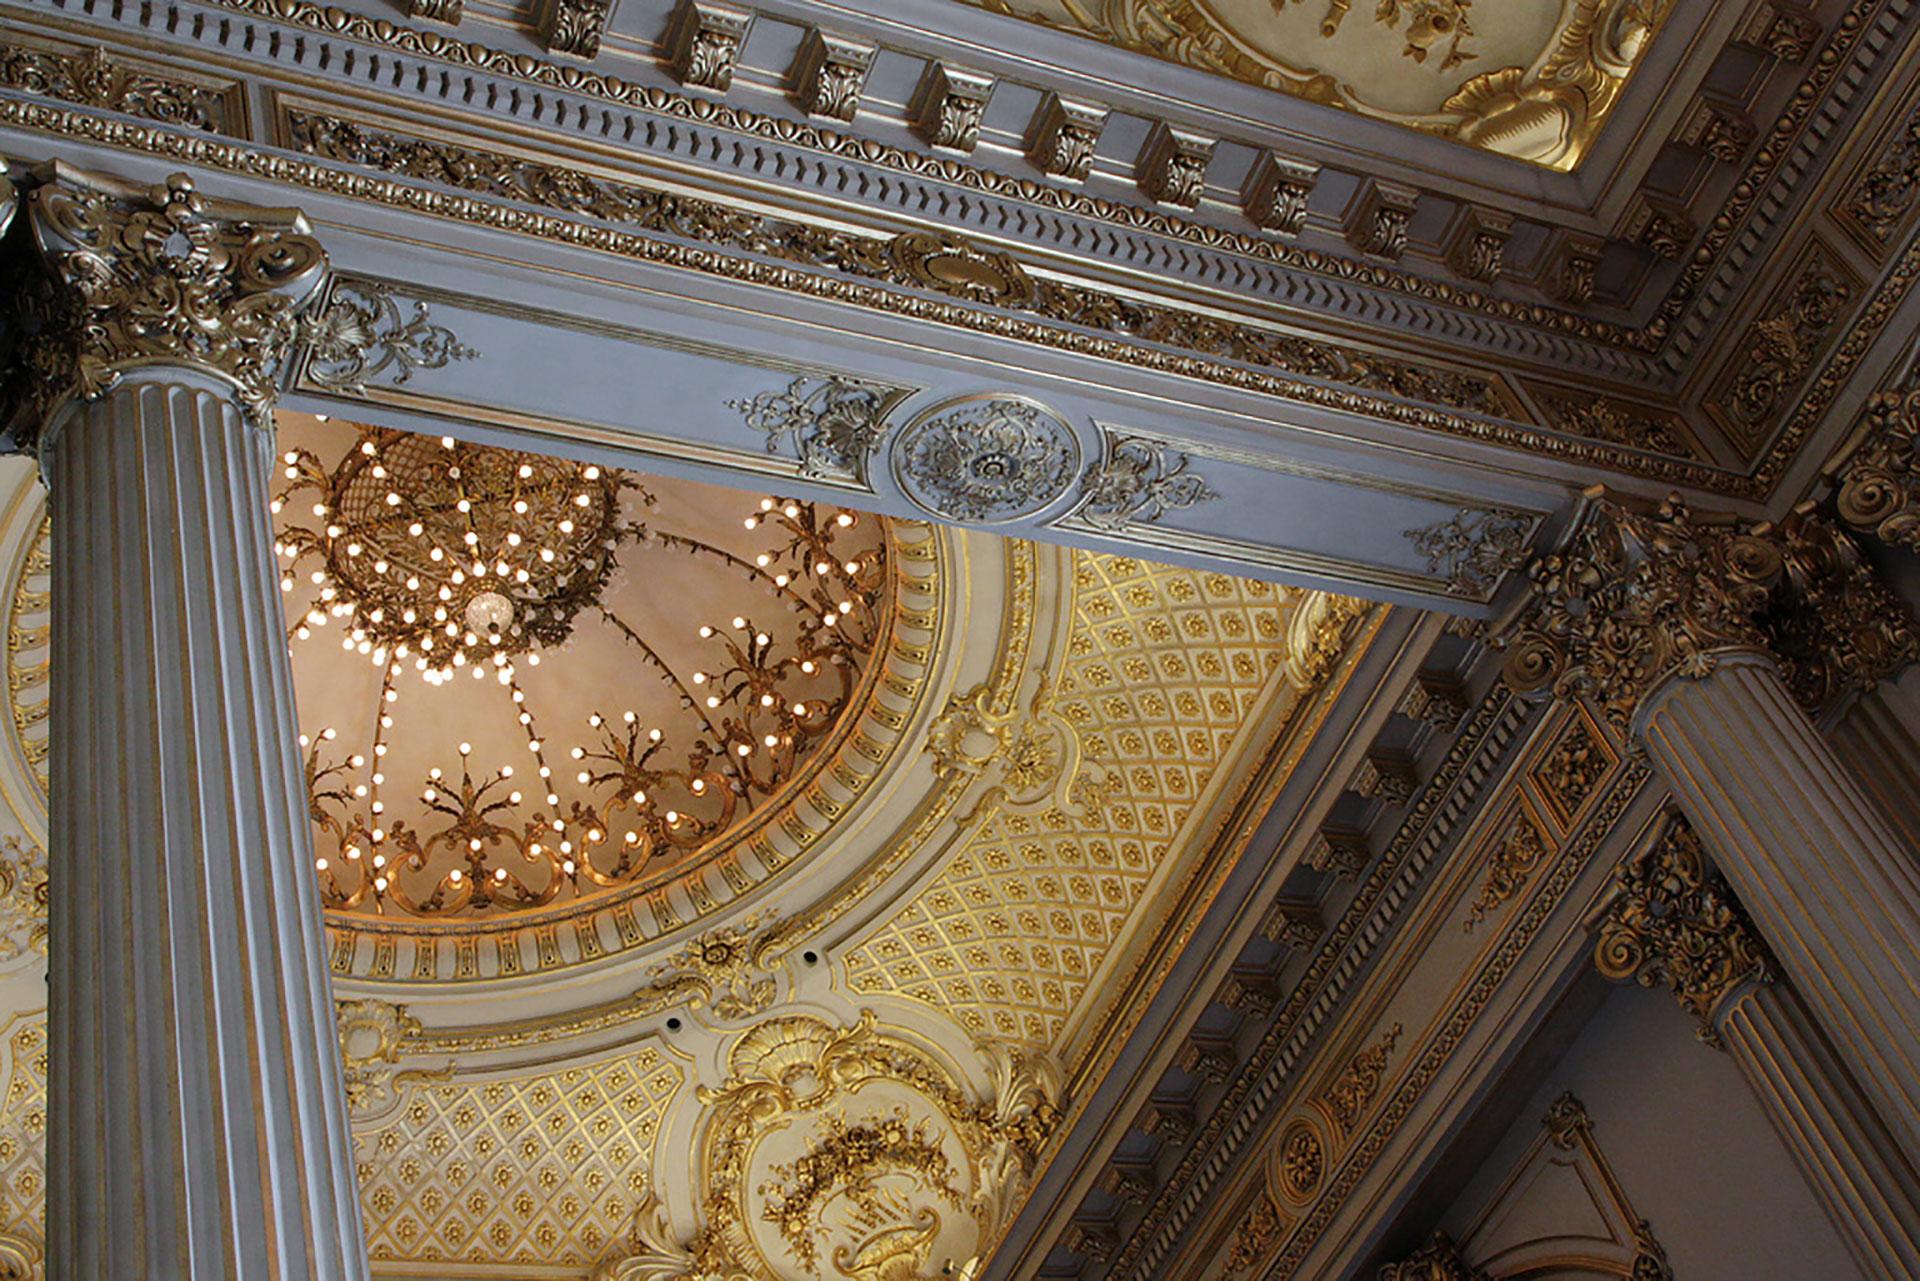 Ornamentos eclécticos en techos y columnas deslumbran a sus visitantes